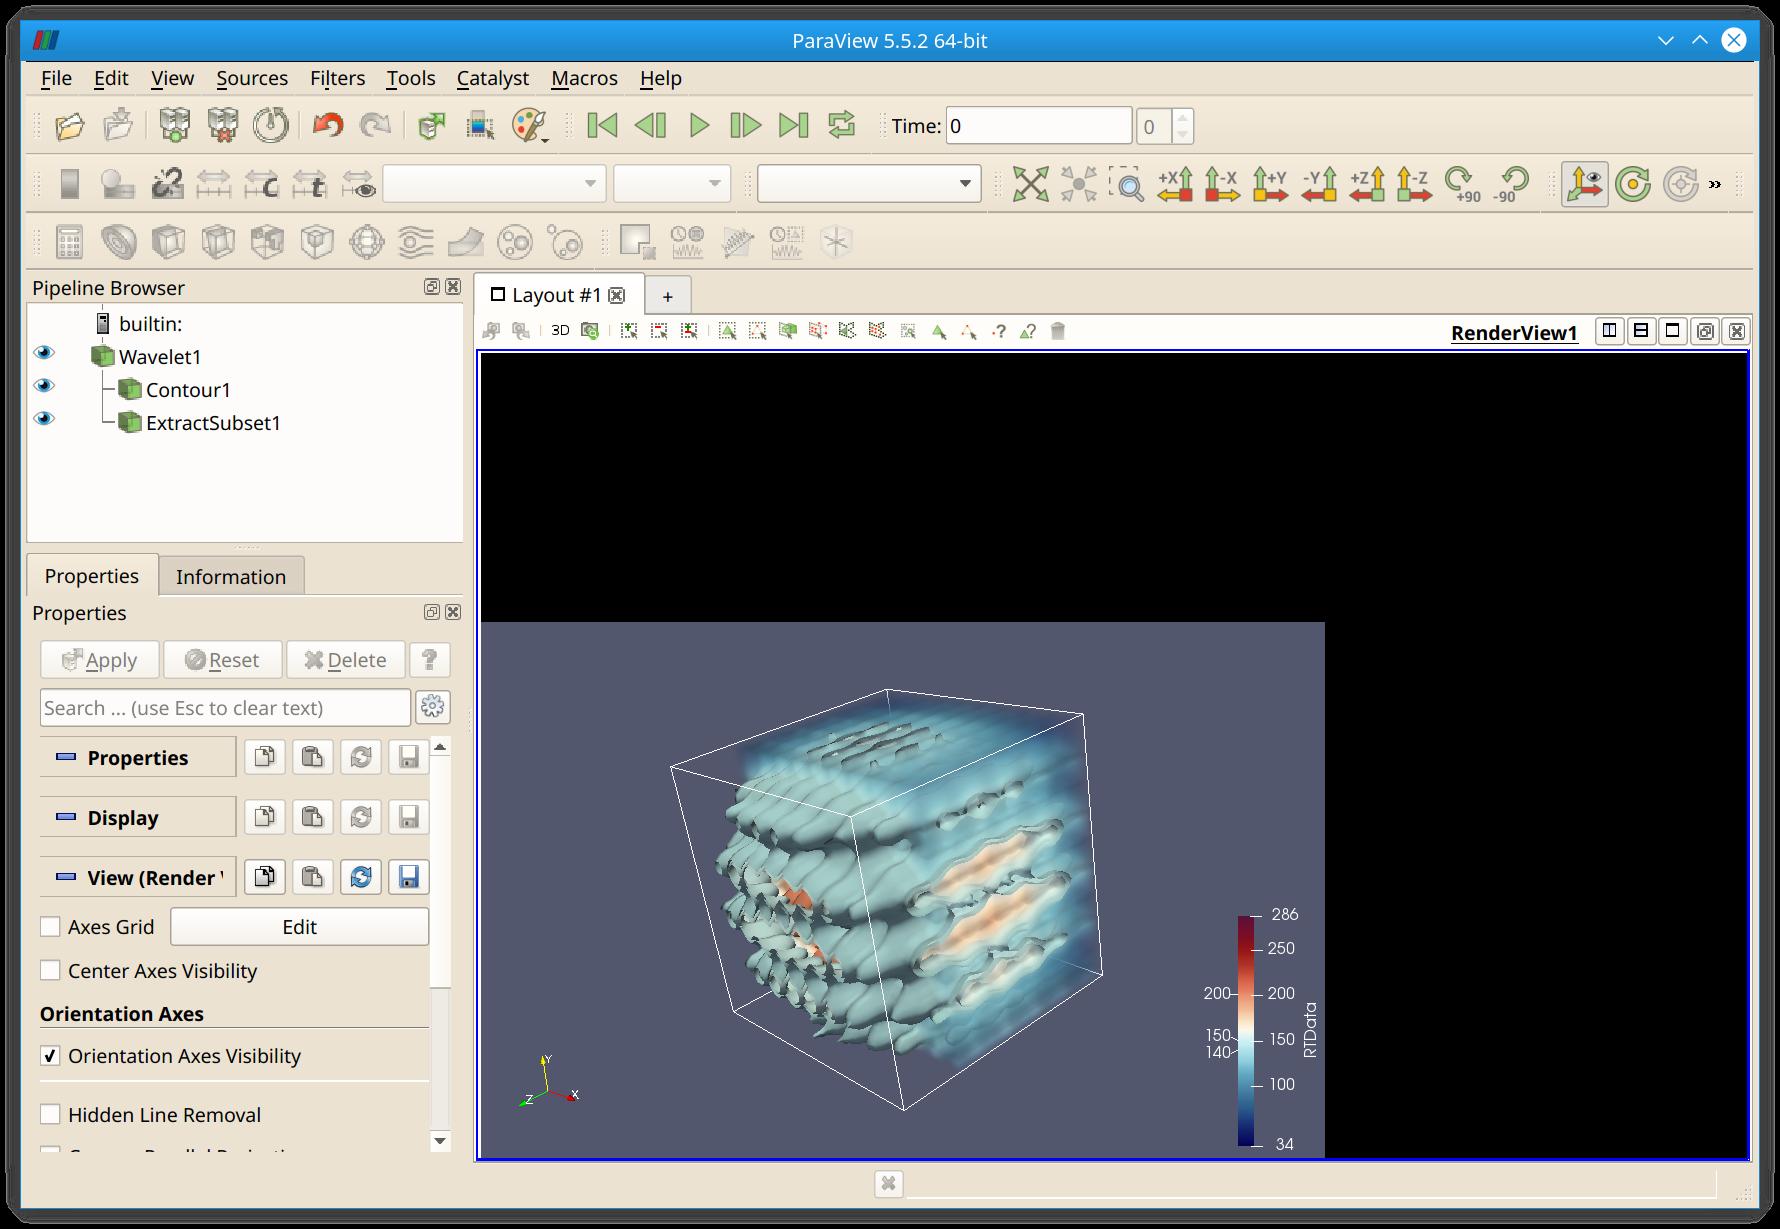 ParaView display issues, NVidia, Kubuntu 18 04 - ParaView